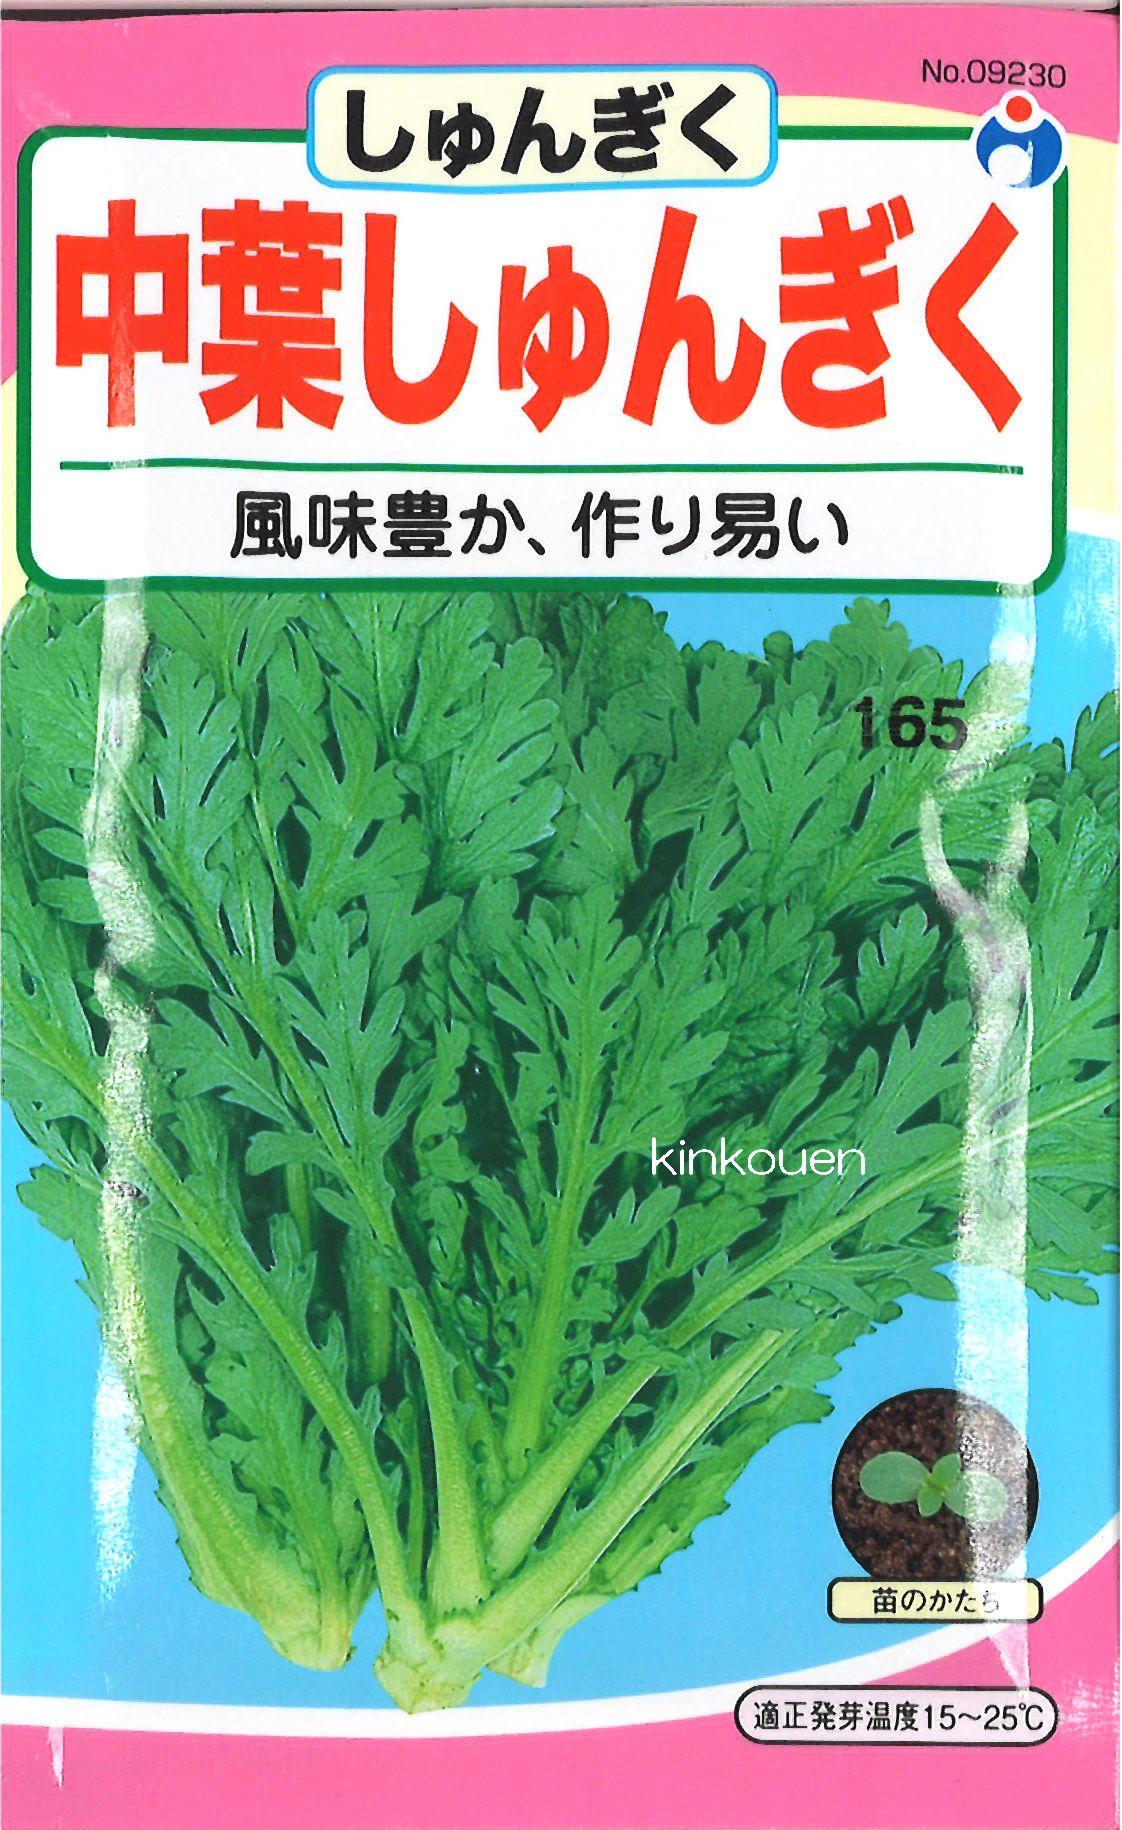 【代引不可】【5袋まで送料80円】 □ シュンギク 中葉しゅんぎく